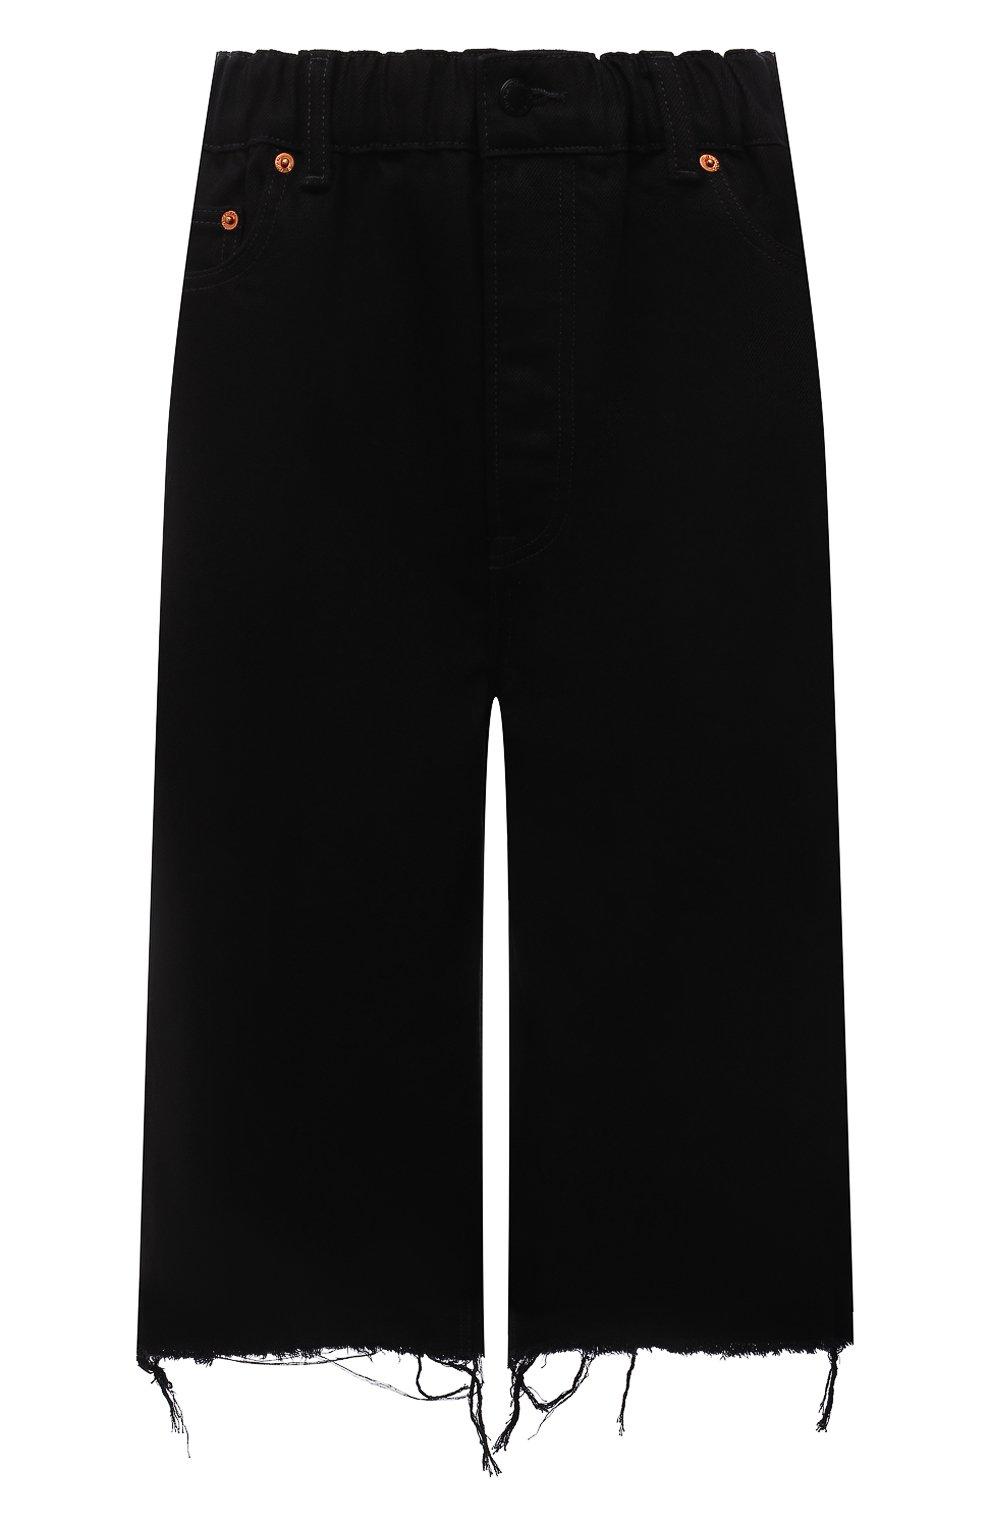 Женские джинсовые шорты DENIM X ALEXANDER WANG черного цвета, арт. 4DC4214035   Фото 1 (Женское Кросс-КТ: Шорты-одежда; Кросс-КТ: Деним; Материал внешний: Хлопок; Длина Ж (юбки, платья, шорты): Миди; Стили: Кэжуэл)